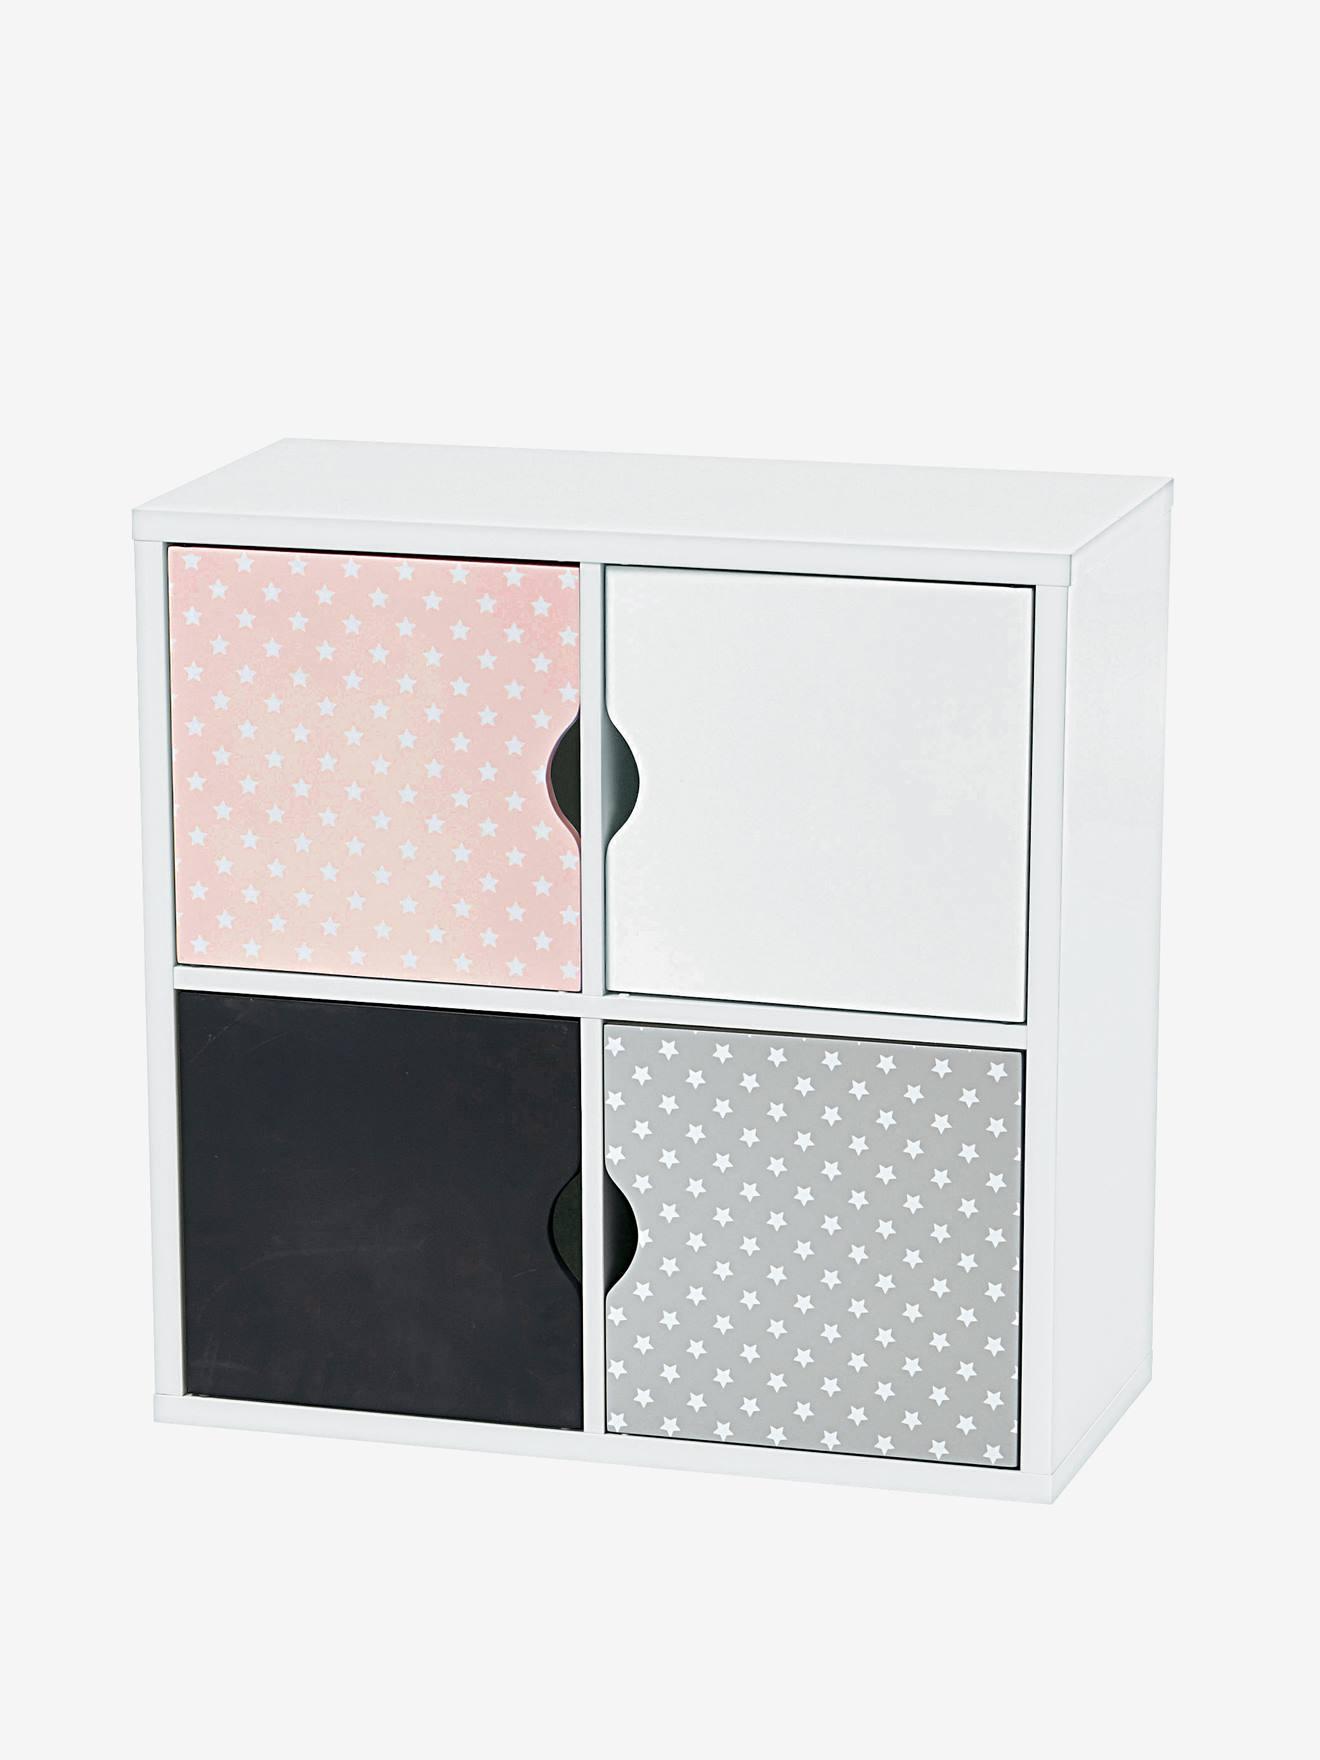 meubles vertbaudet amazing meuble de rangement banquette. Black Bedroom Furniture Sets. Home Design Ideas